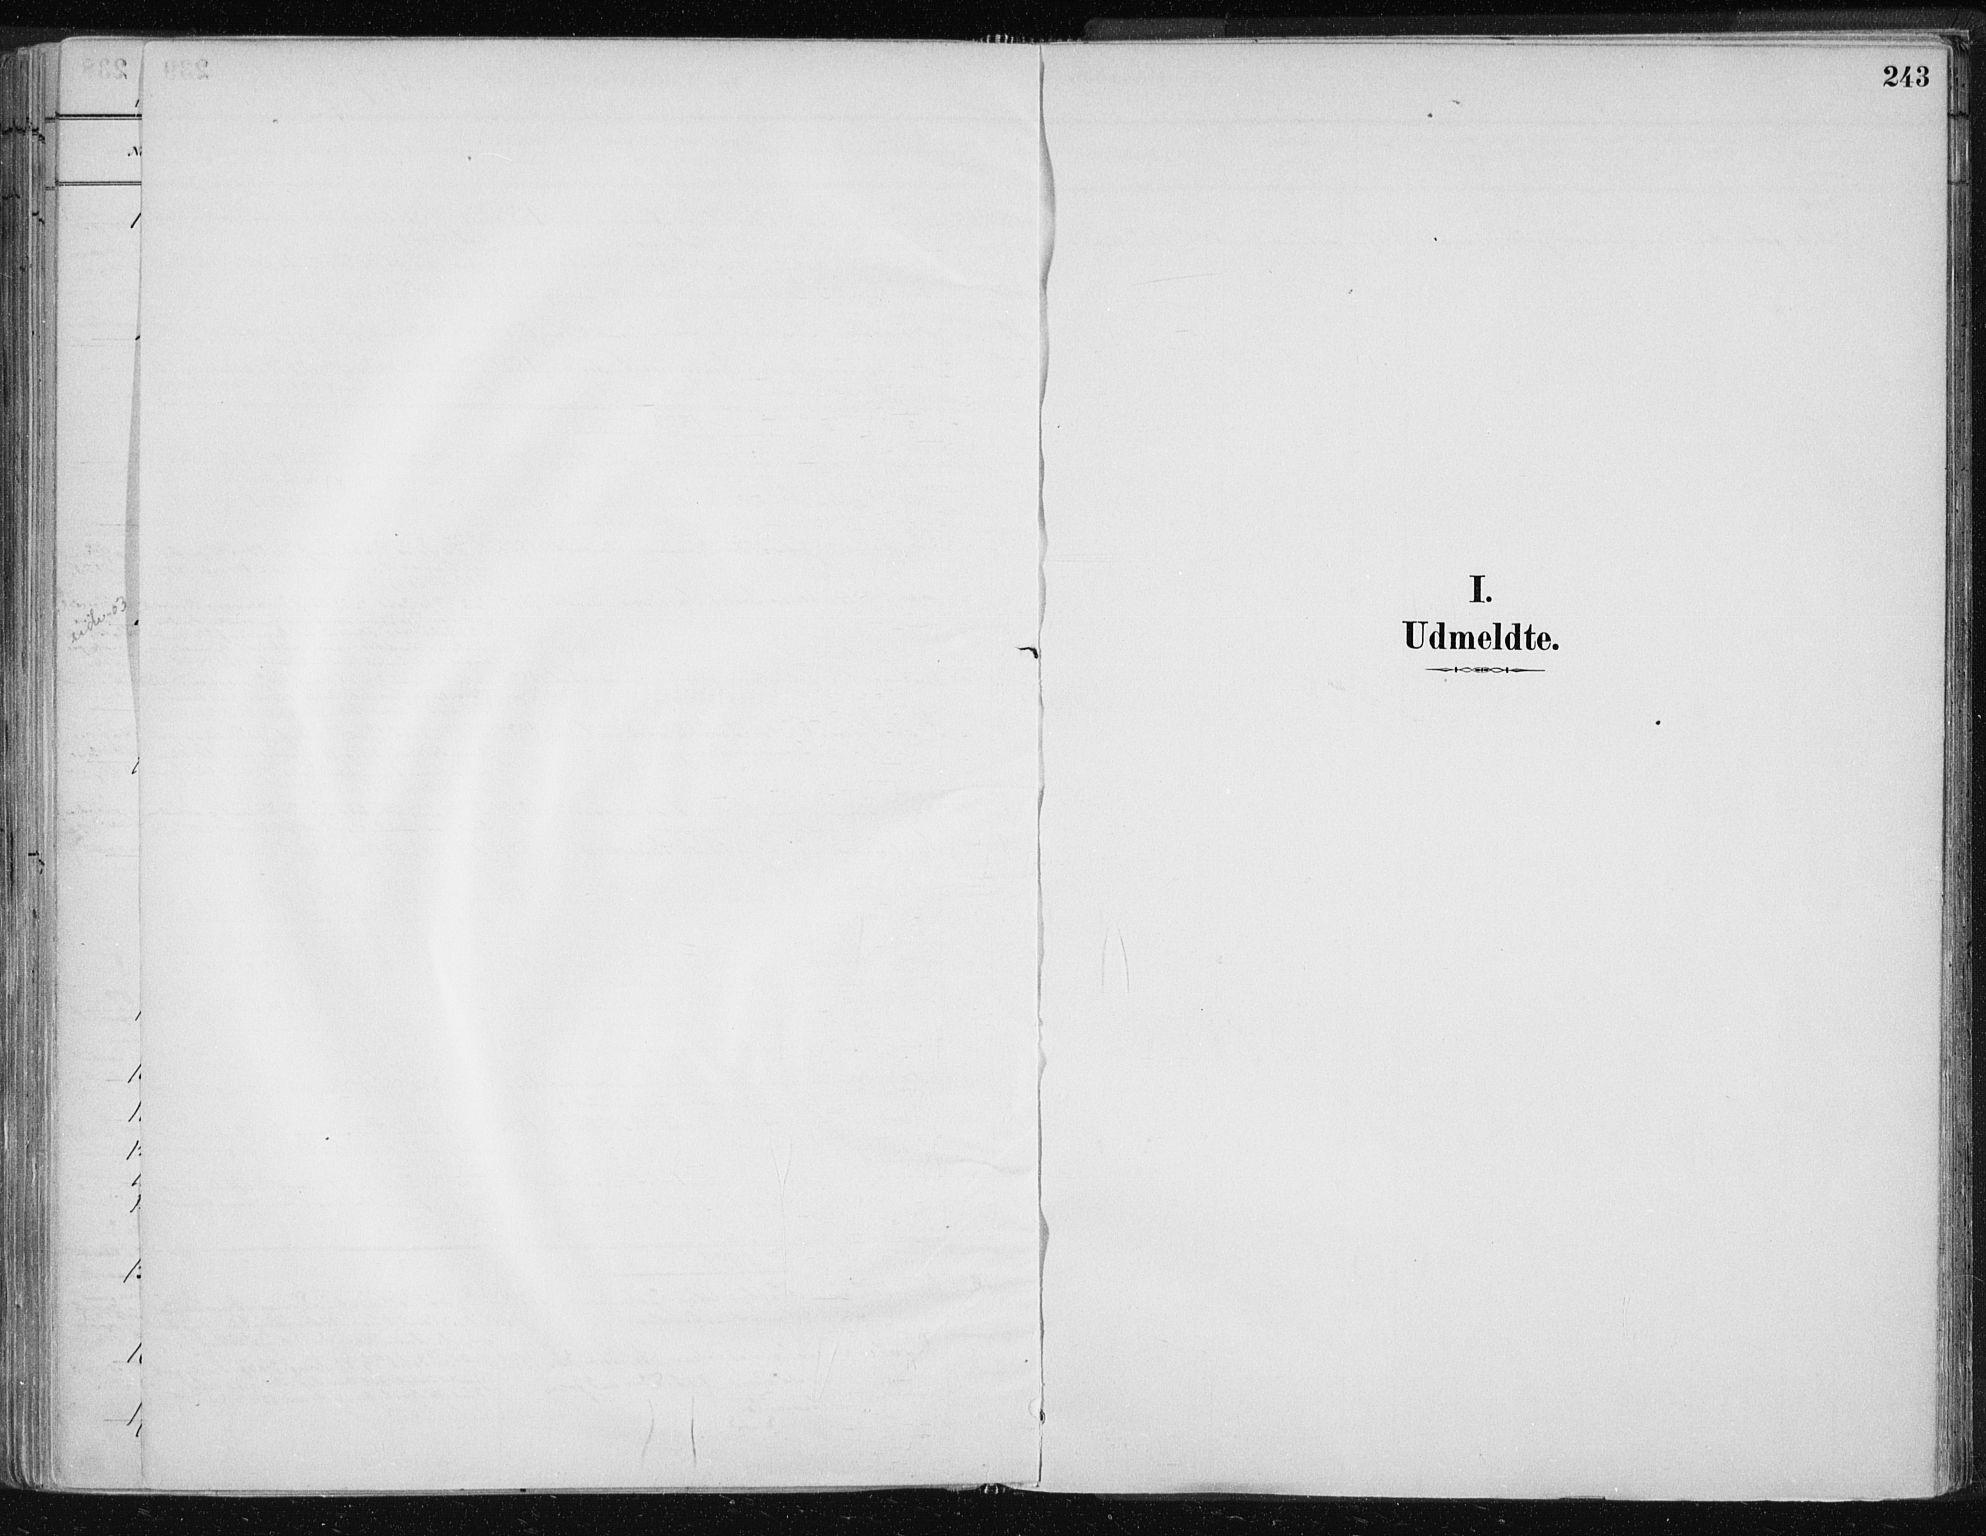 SAT, Ministerialprotokoller, klokkerbøker og fødselsregistre - Nord-Trøndelag, 701/L0010: Ministerialbok nr. 701A10, 1883-1899, s. 243